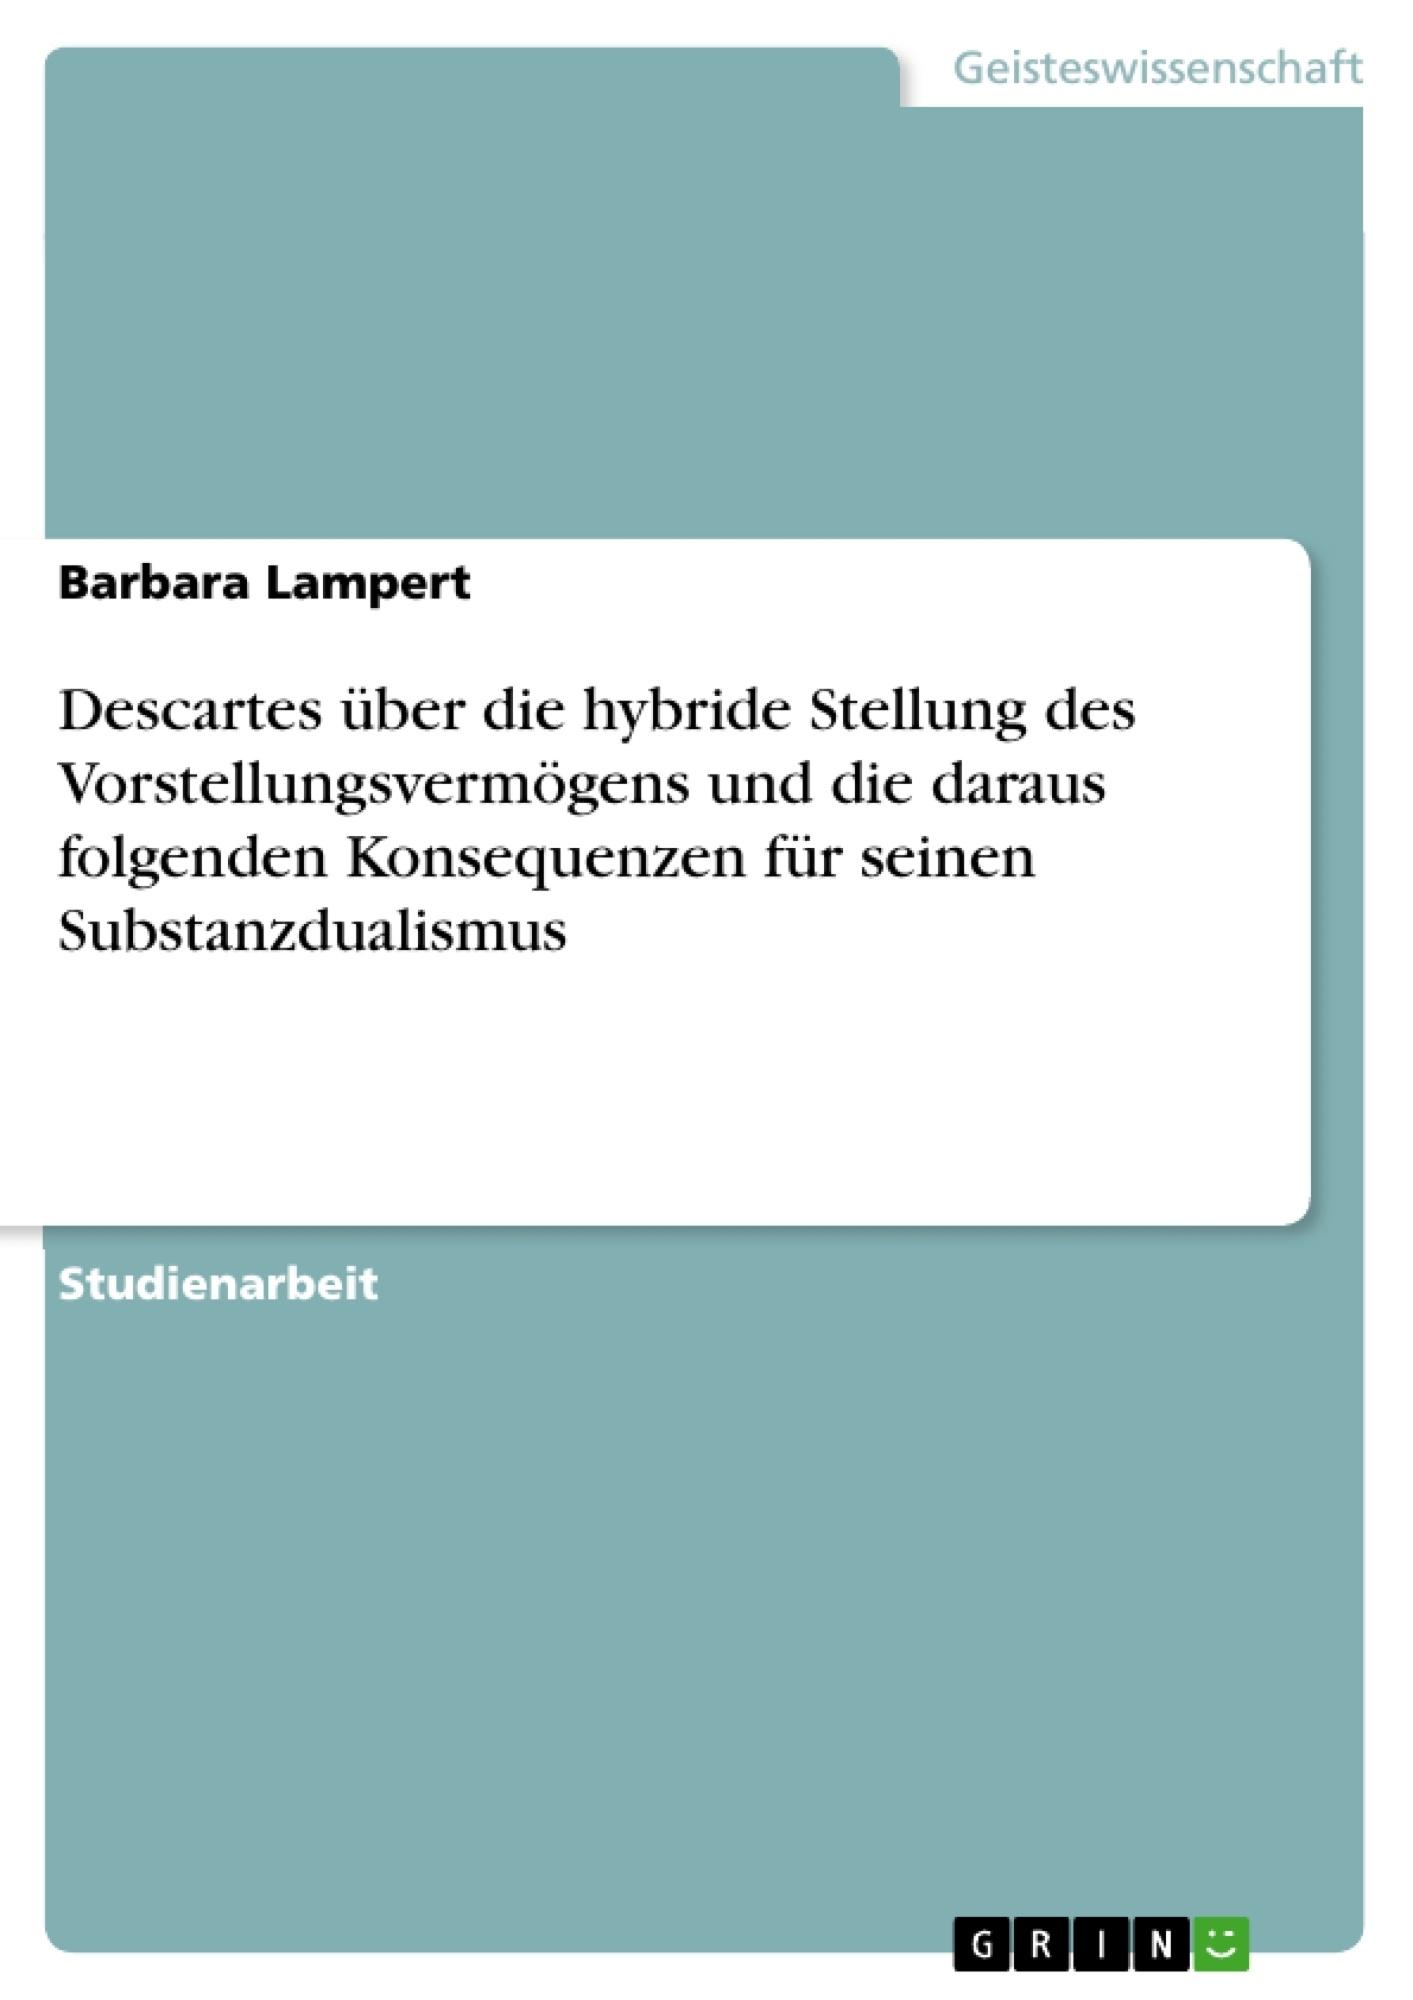 Titel: Descartes über die hybride Stellung des Vorstellungsvermögens und die daraus folgenden Konsequenzen für seinen Substanzdualismus